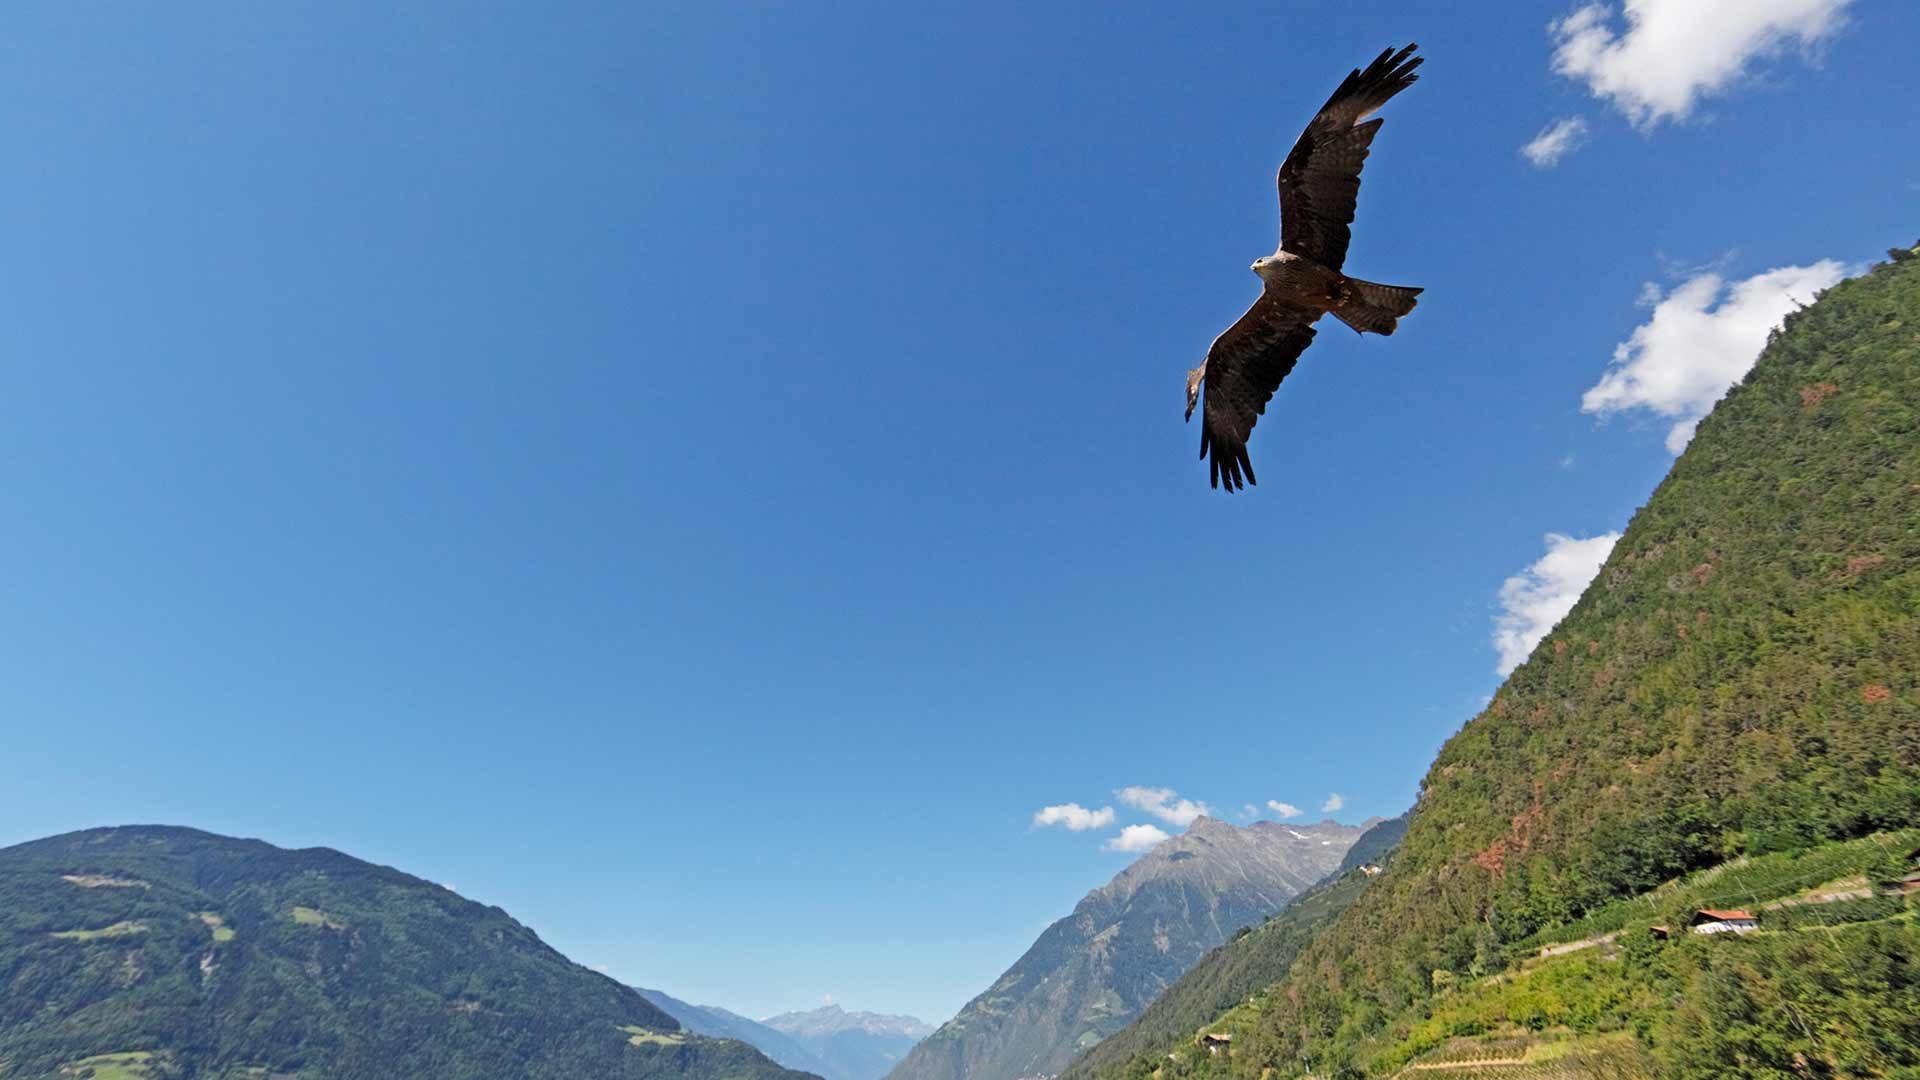 Dimostrazione di volo degli uccelli rapaci